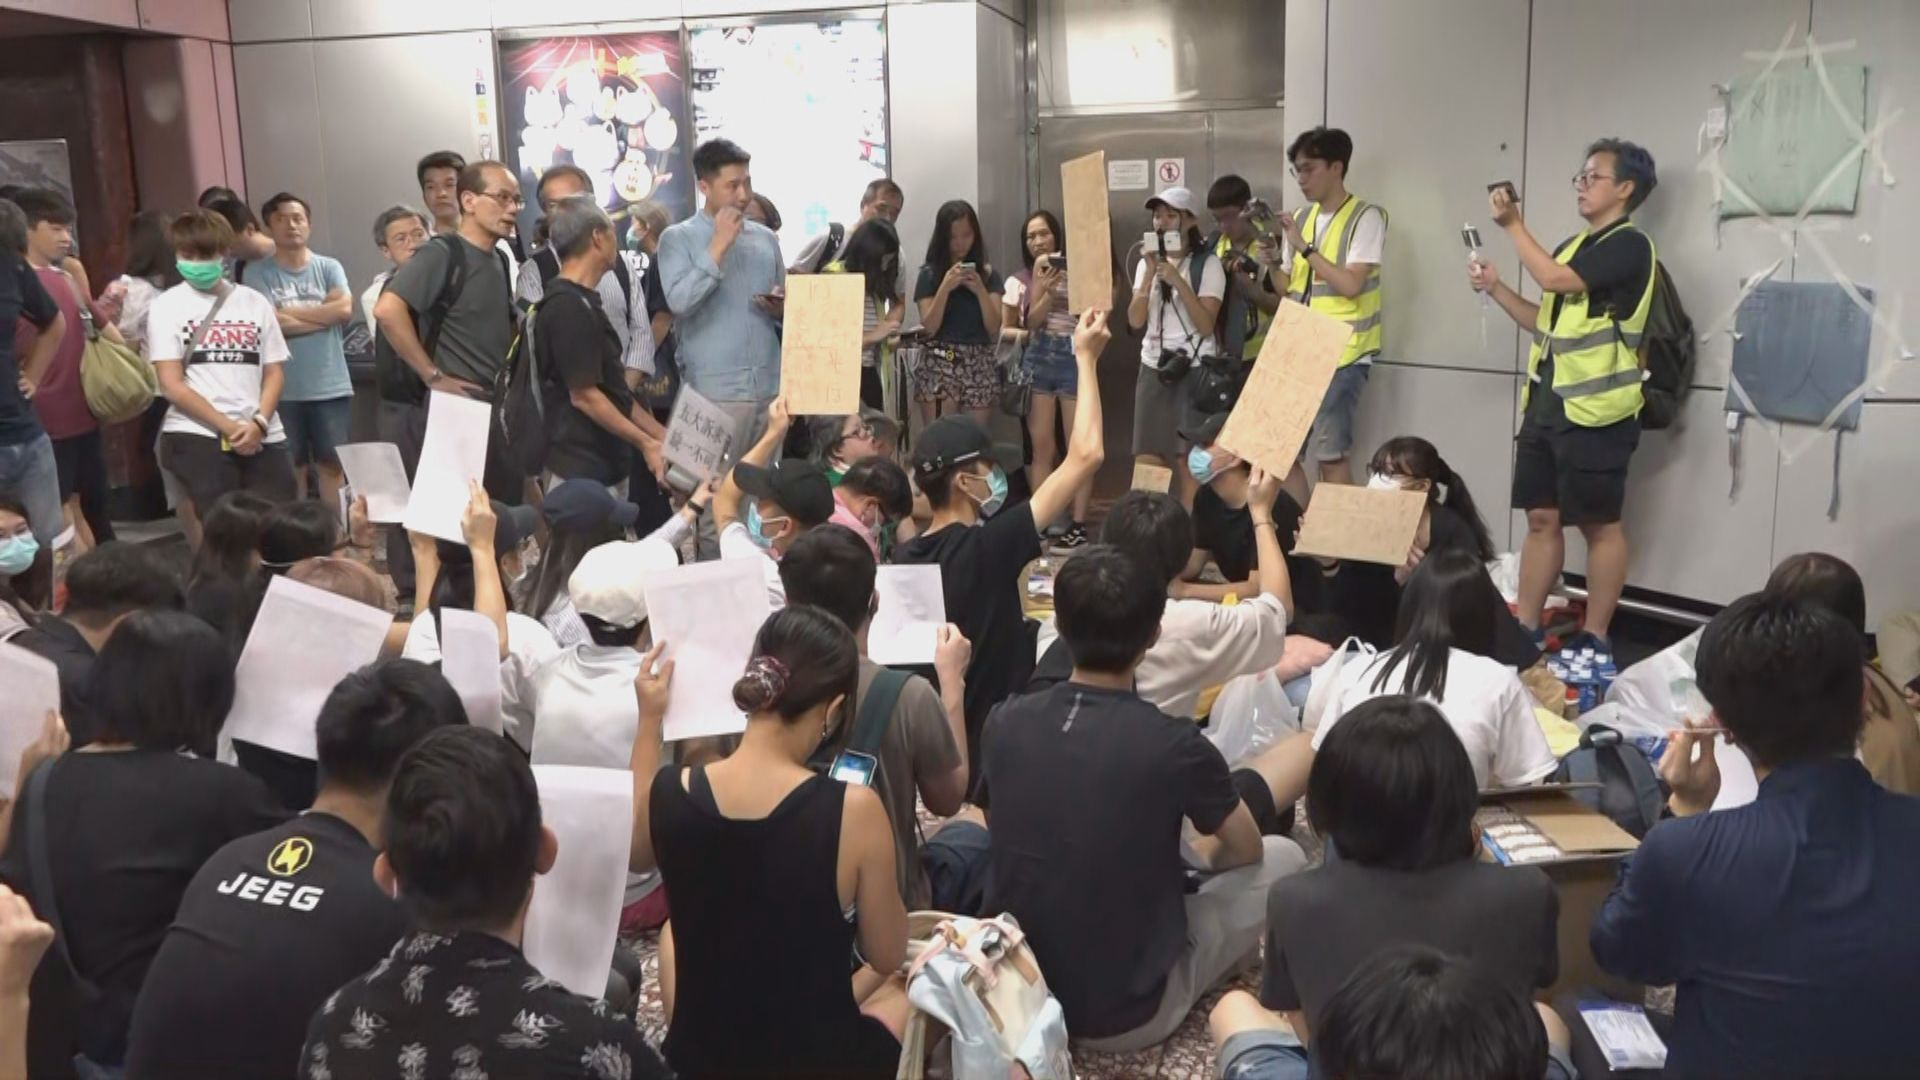 港鐵因應有人群聚集關閉太子站